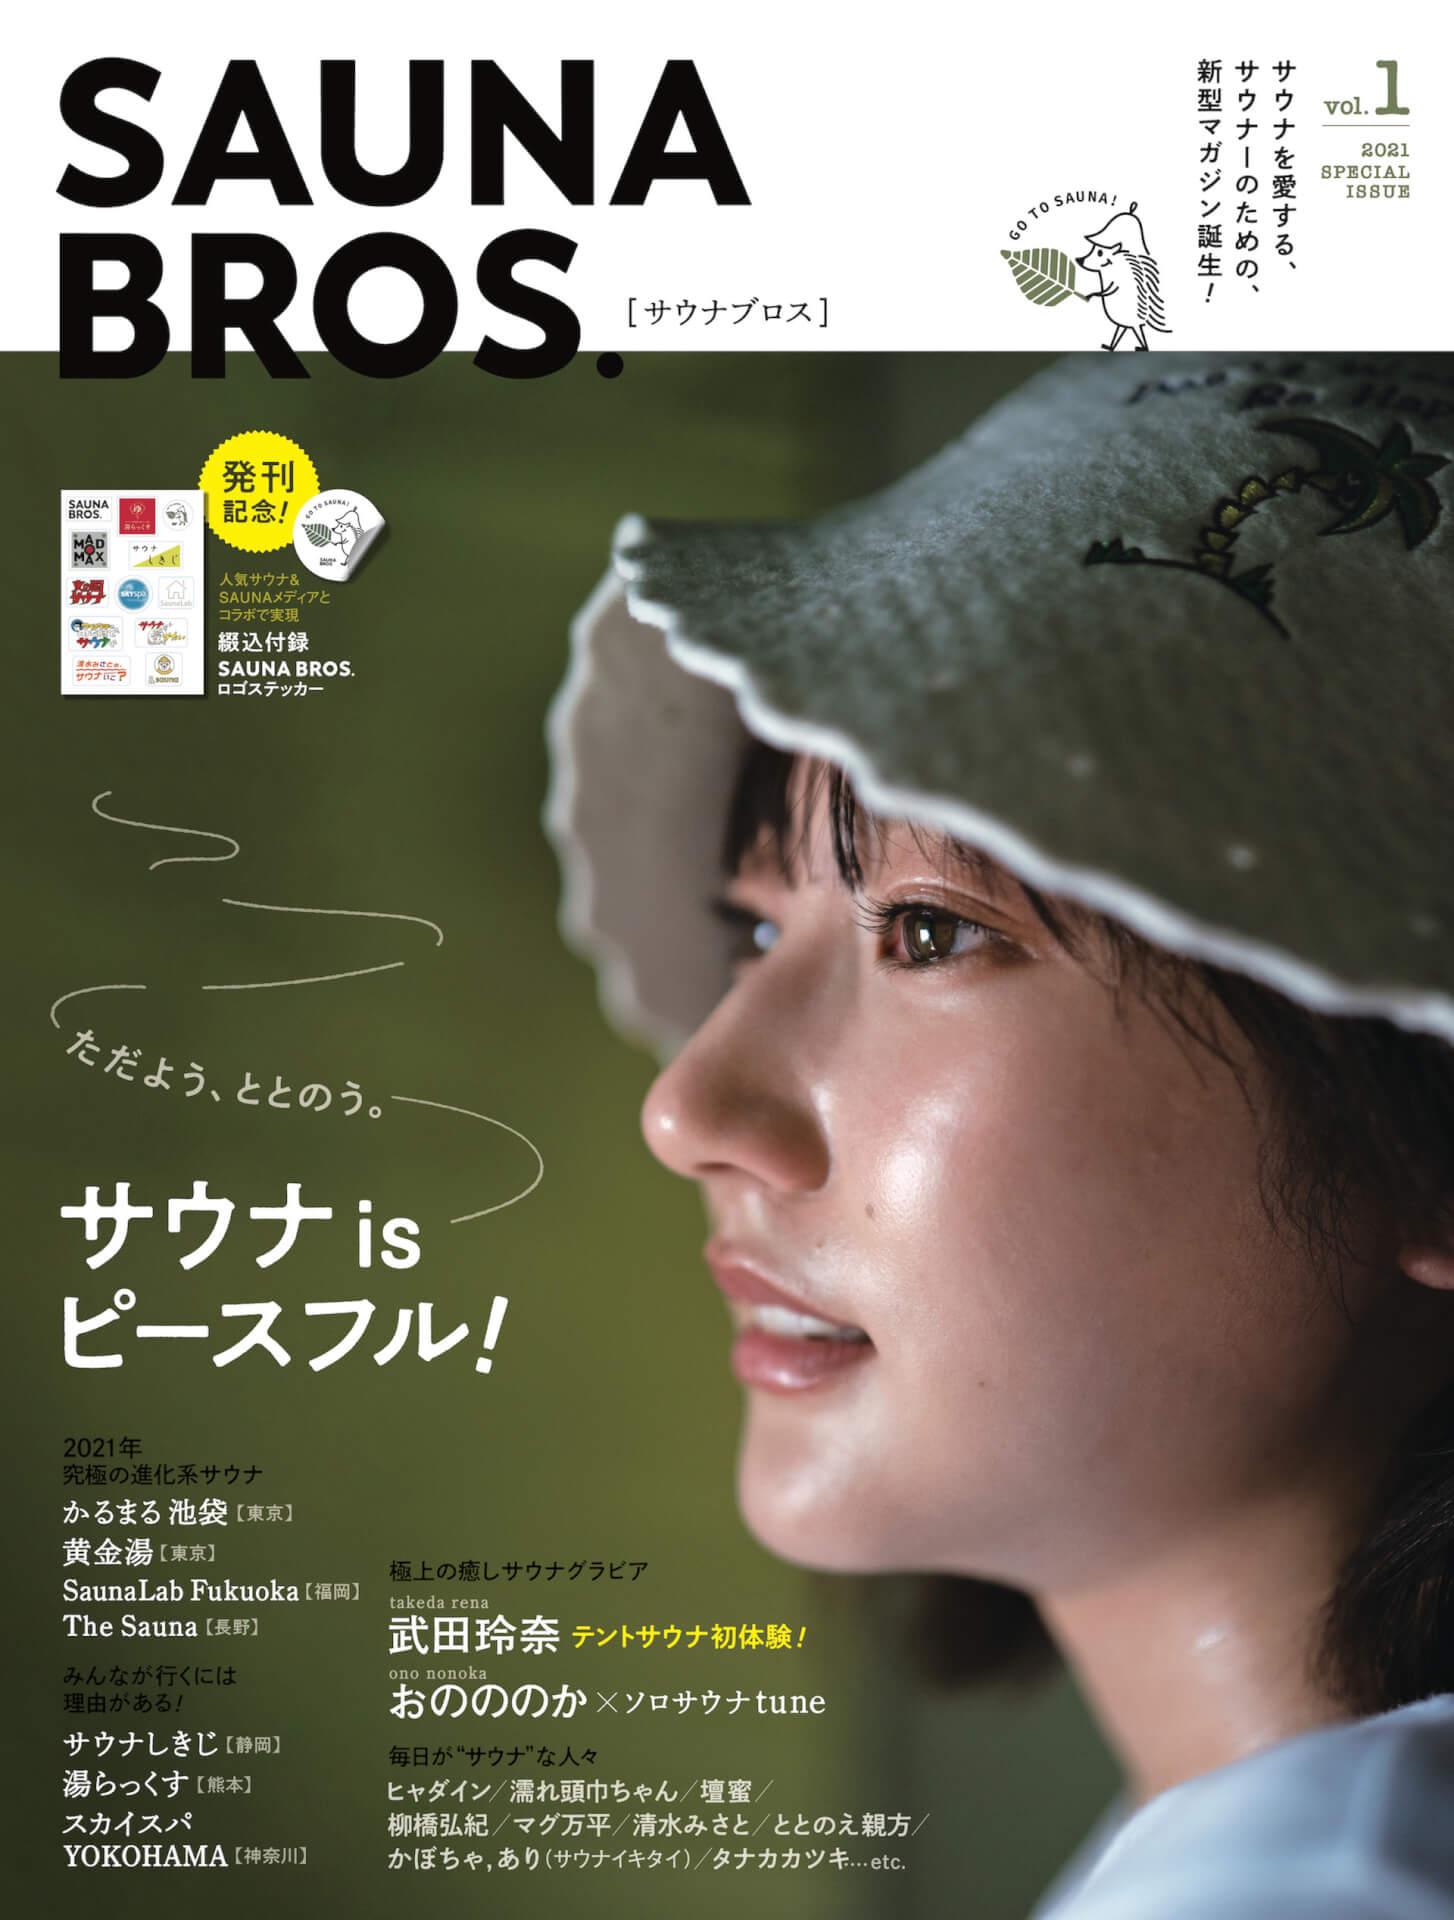 サウナーのためのサウナマガジン『SAUNA BROS.vol.1』の表紙に武田玲奈が登場!熱気ムンムンのサウナグラビアも life210122_saunabros_2